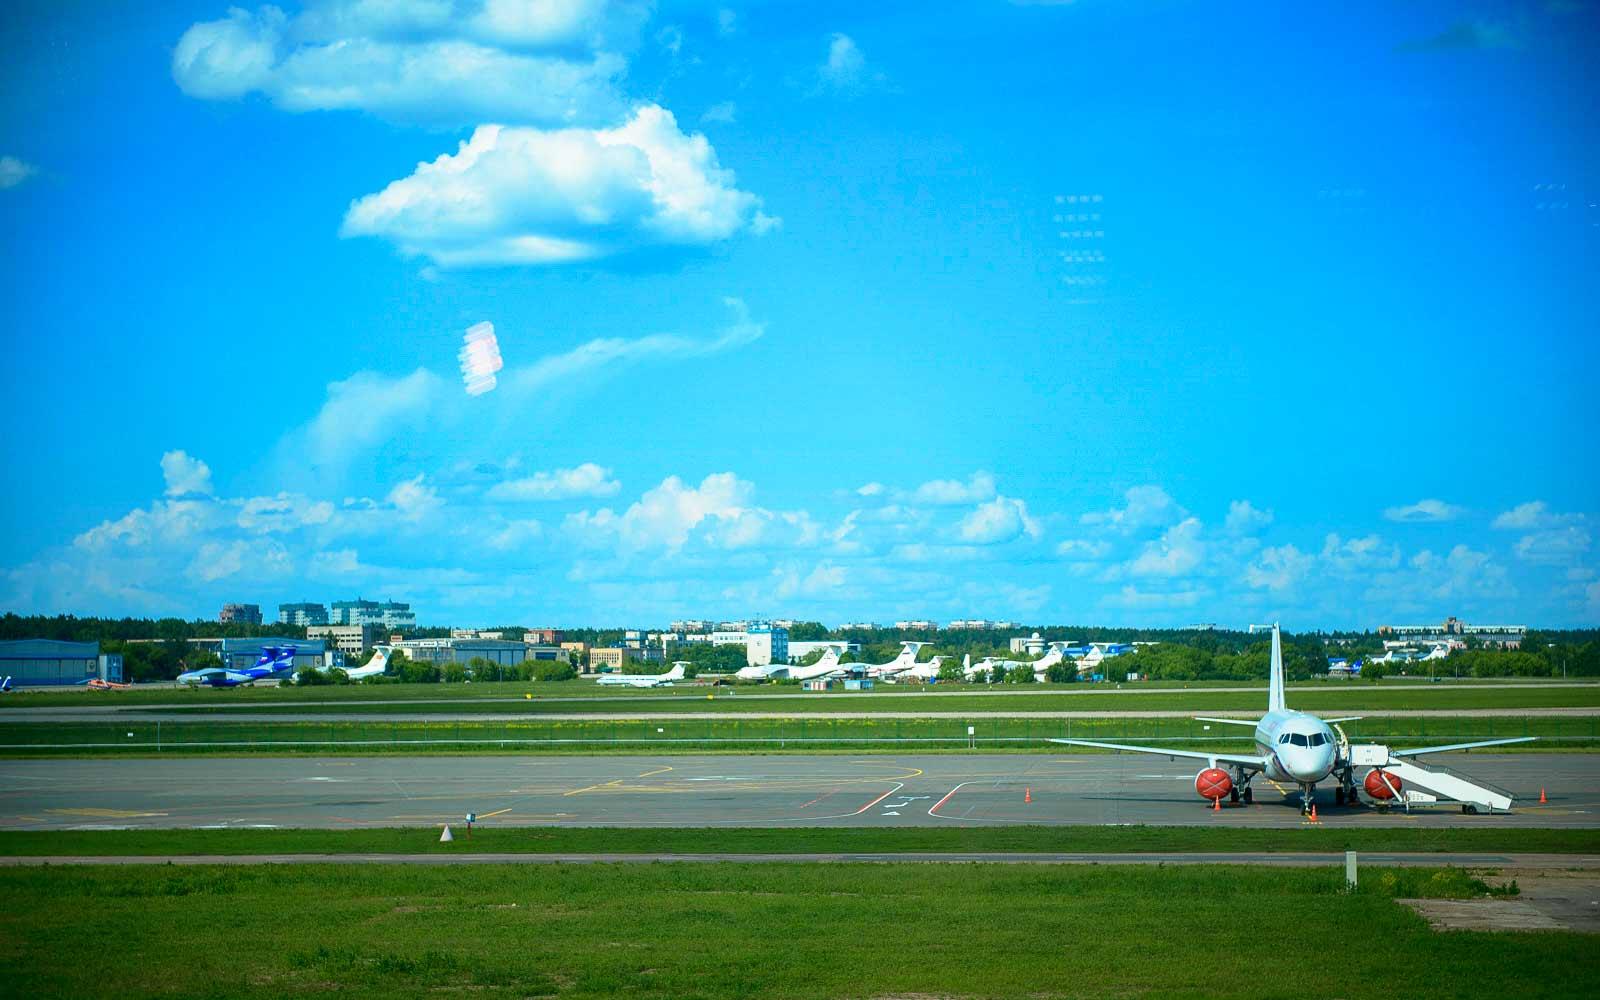 аэропорт-жуковский-фото10